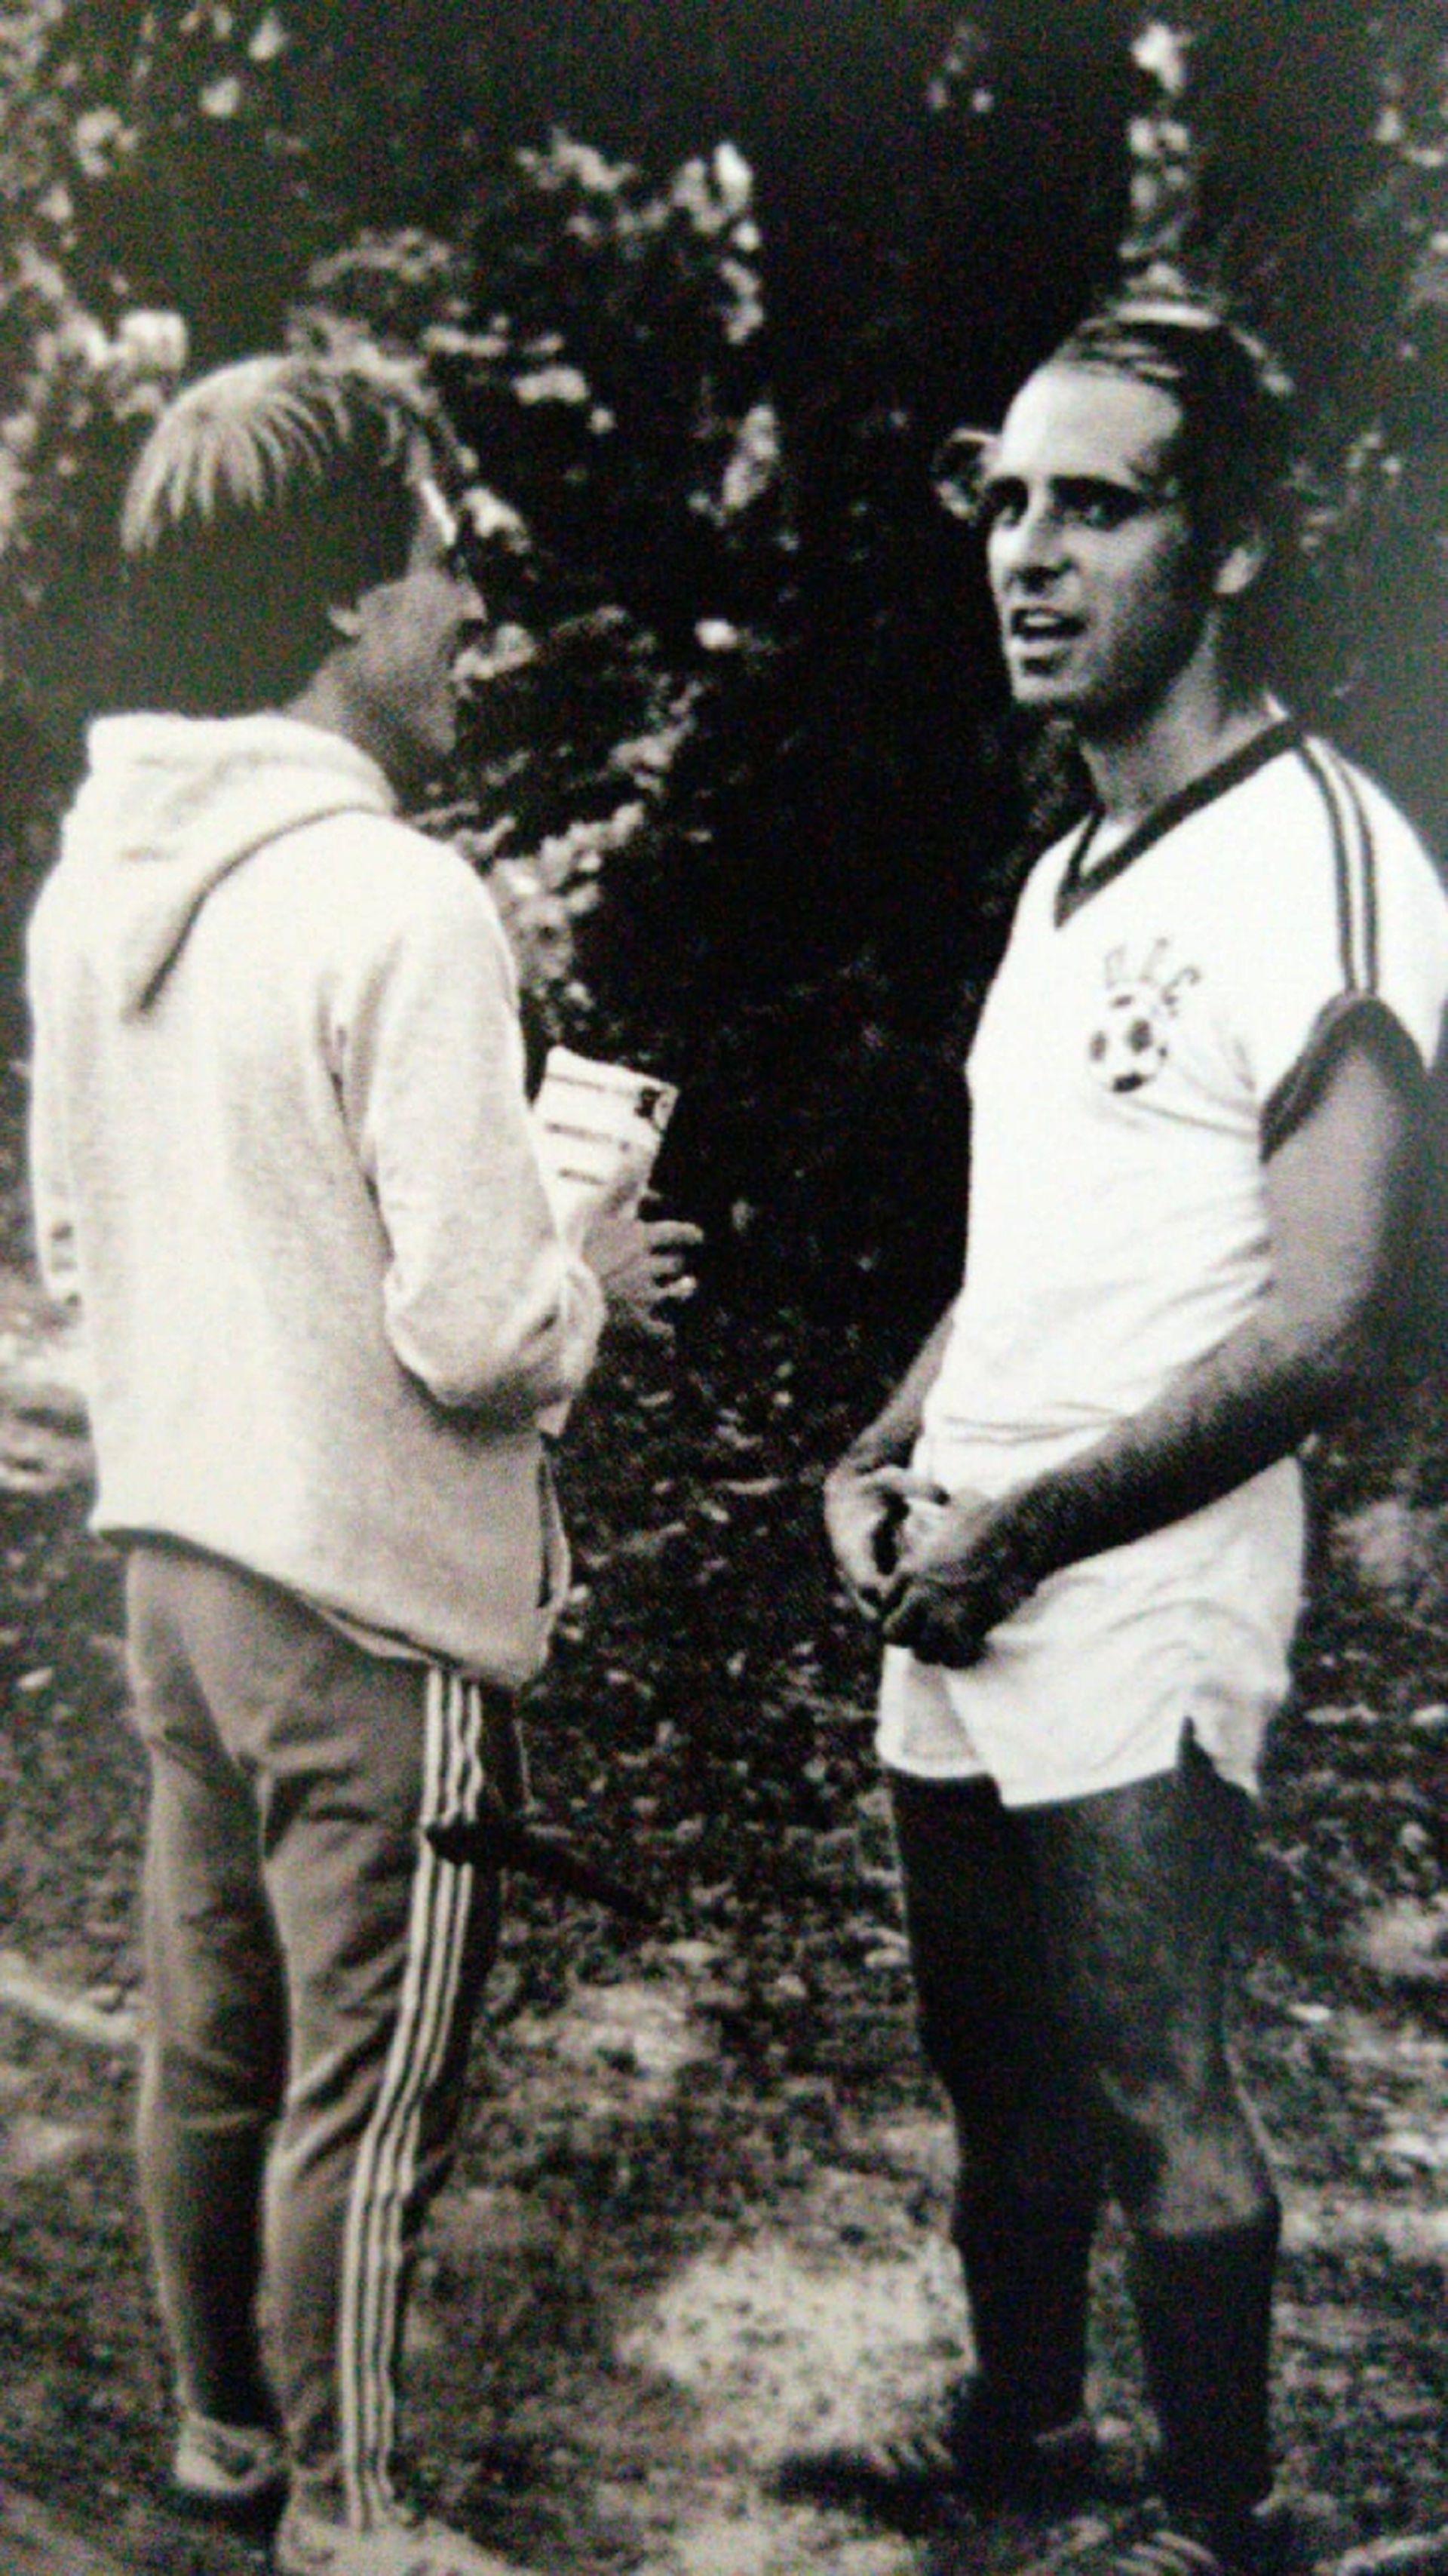 1979 - UDC - Momento en el que gana la beca, con sus botines.